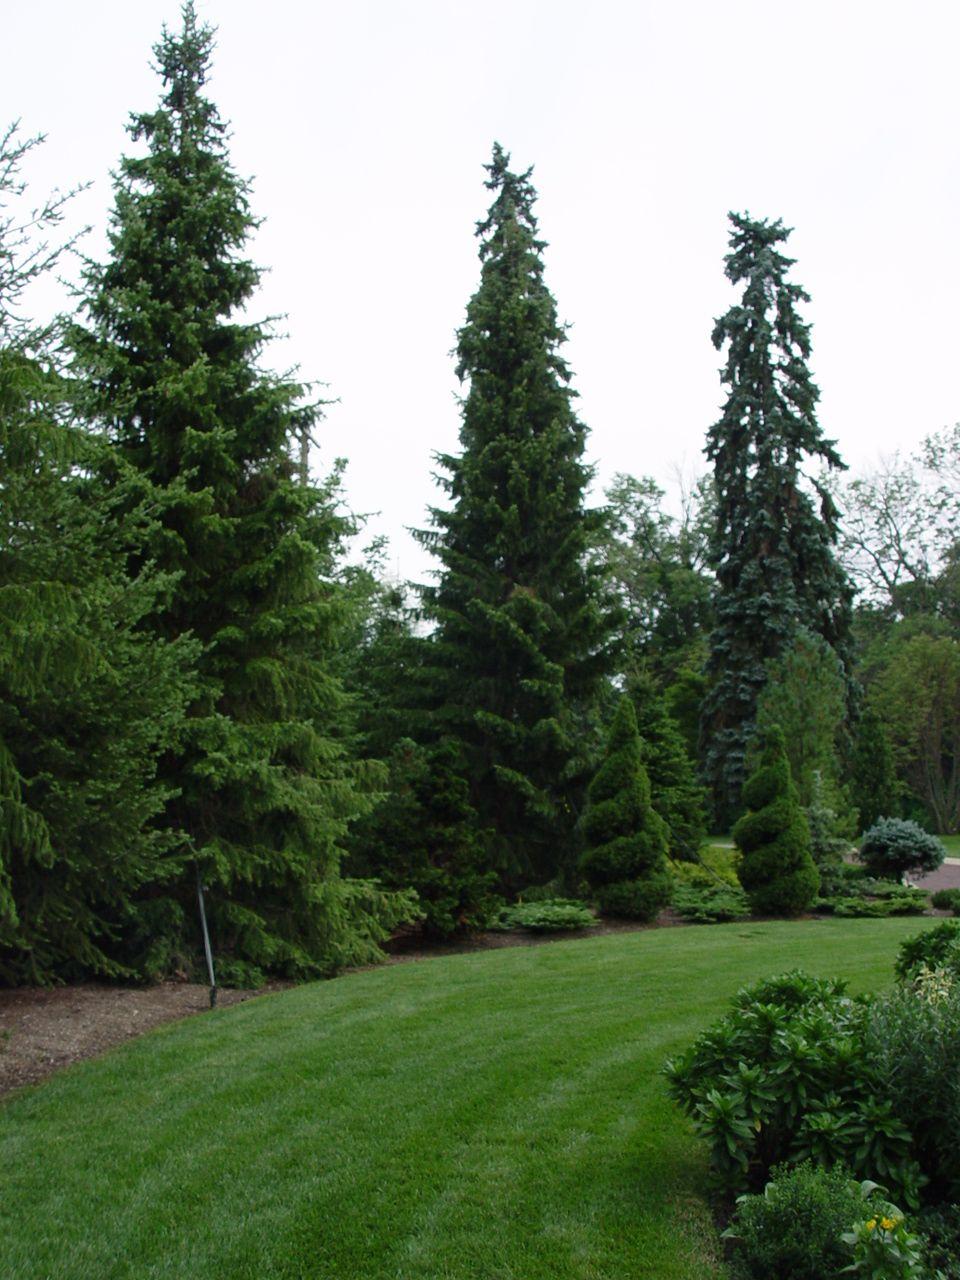 Alberta Spruce Spirals